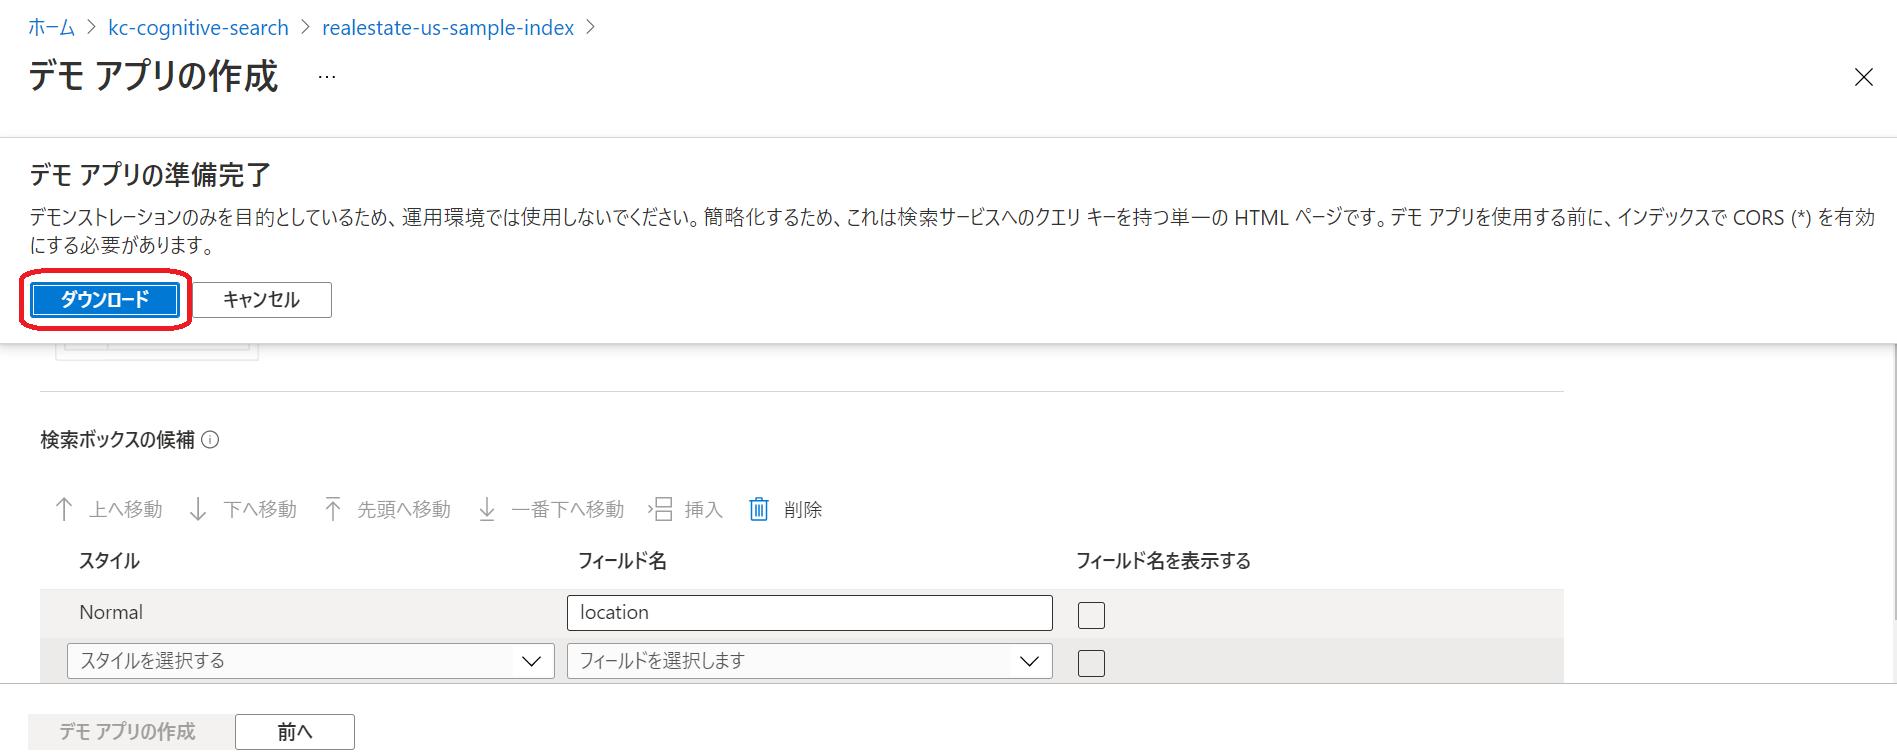 ダウンロード画面01.png